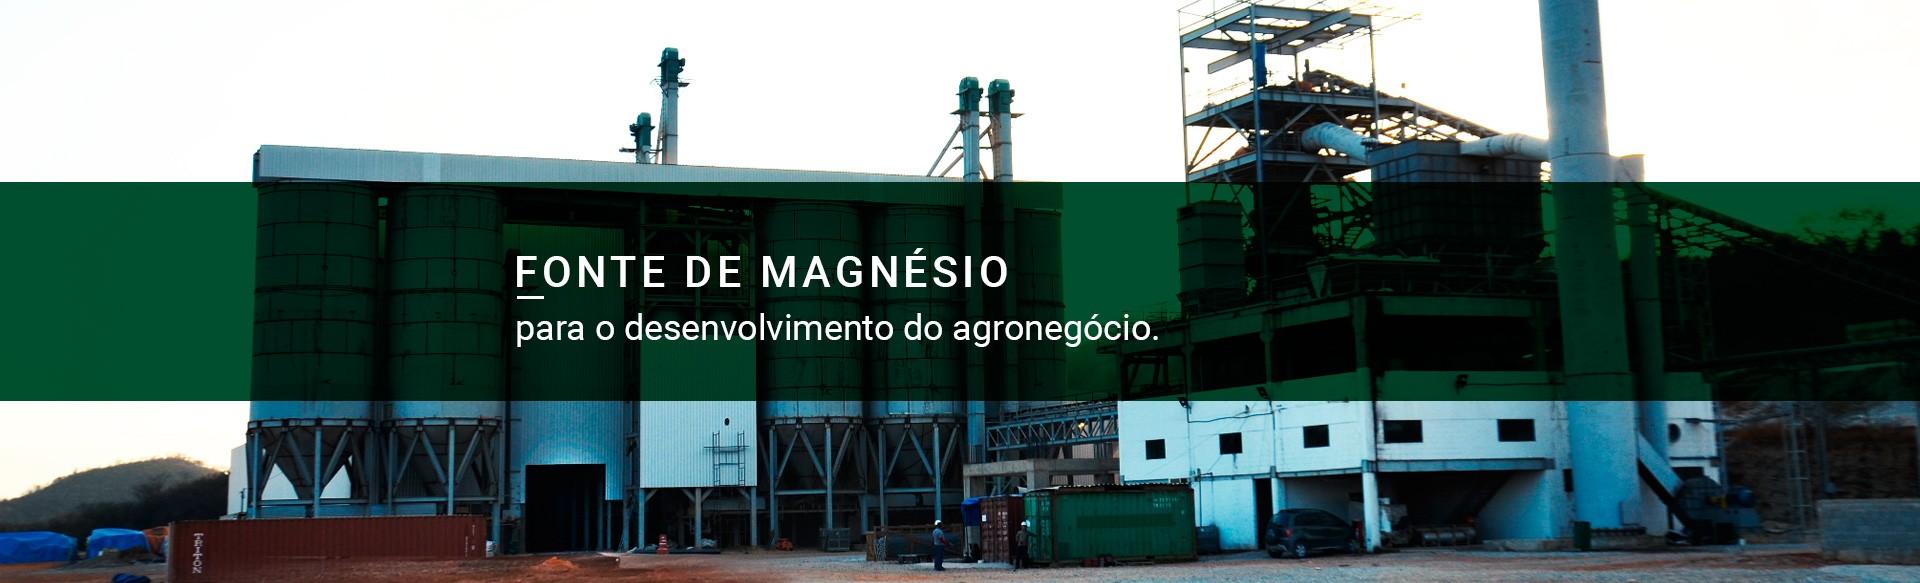 banner-magnesium-01-oti